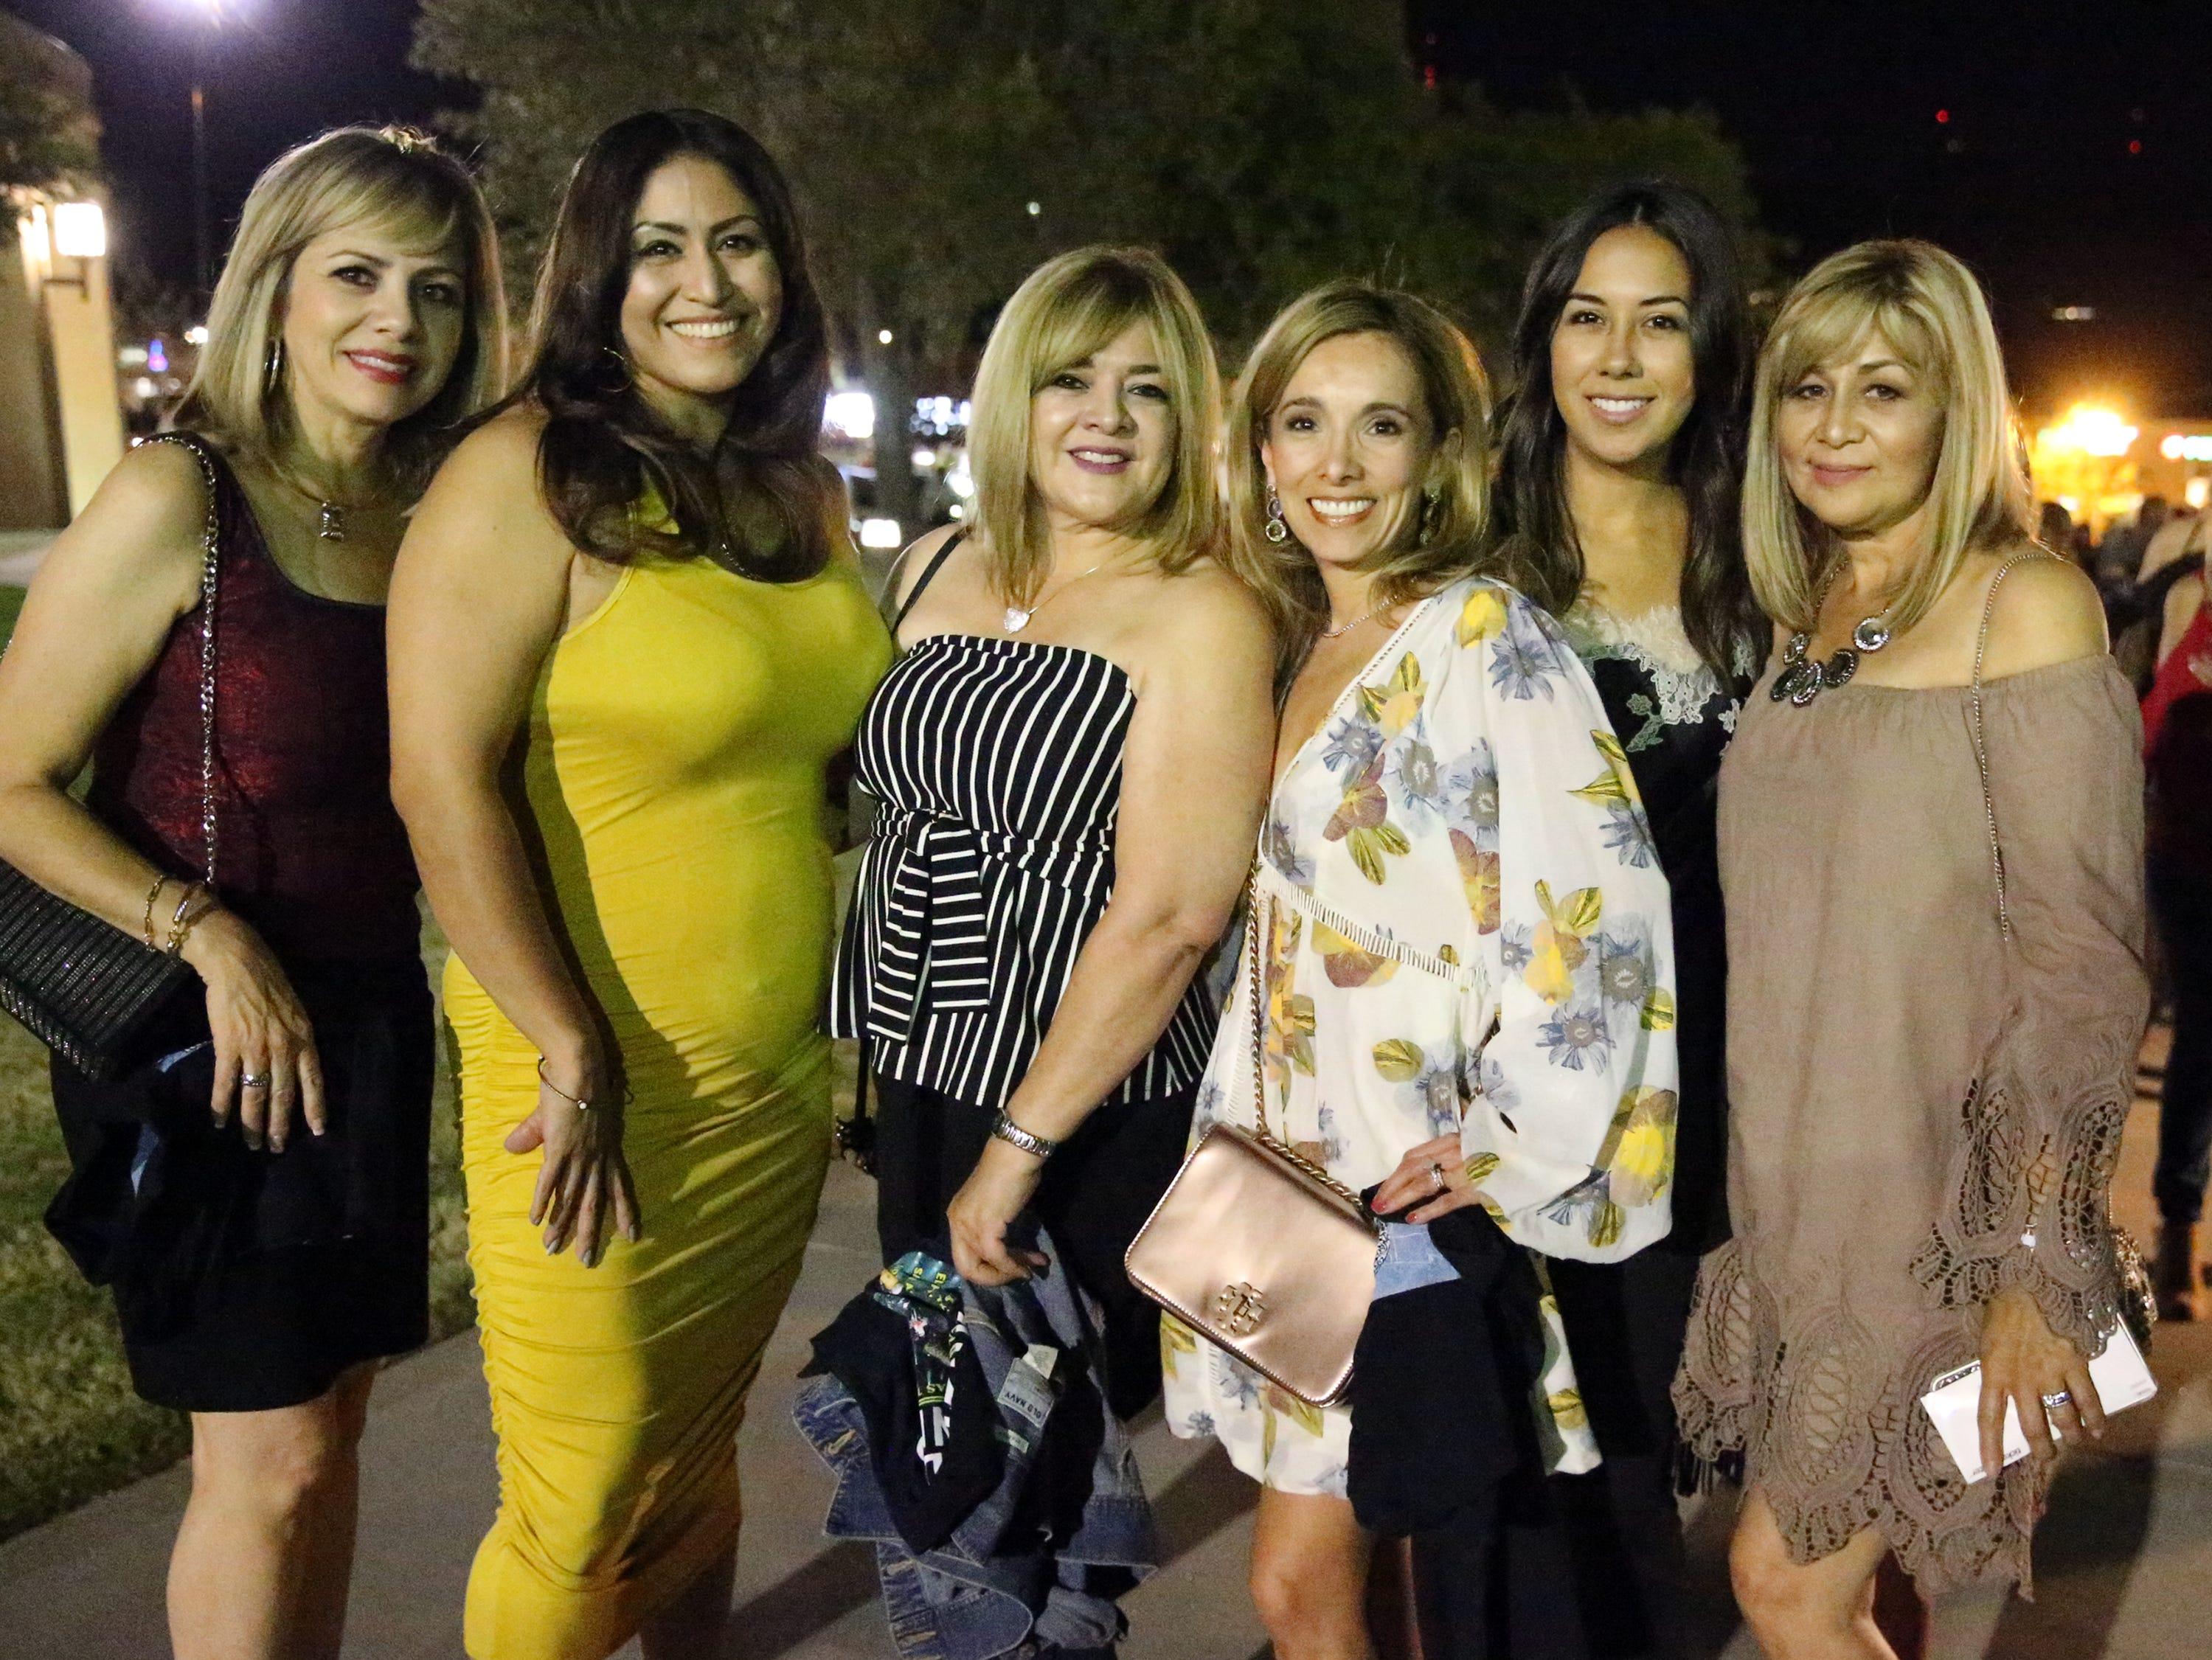 L-R: Virginia Marquez, Mercedes Hernandez, Elizabeth Puga, Danielle Drew, Amanda Marquez and Blanca Ramirez.